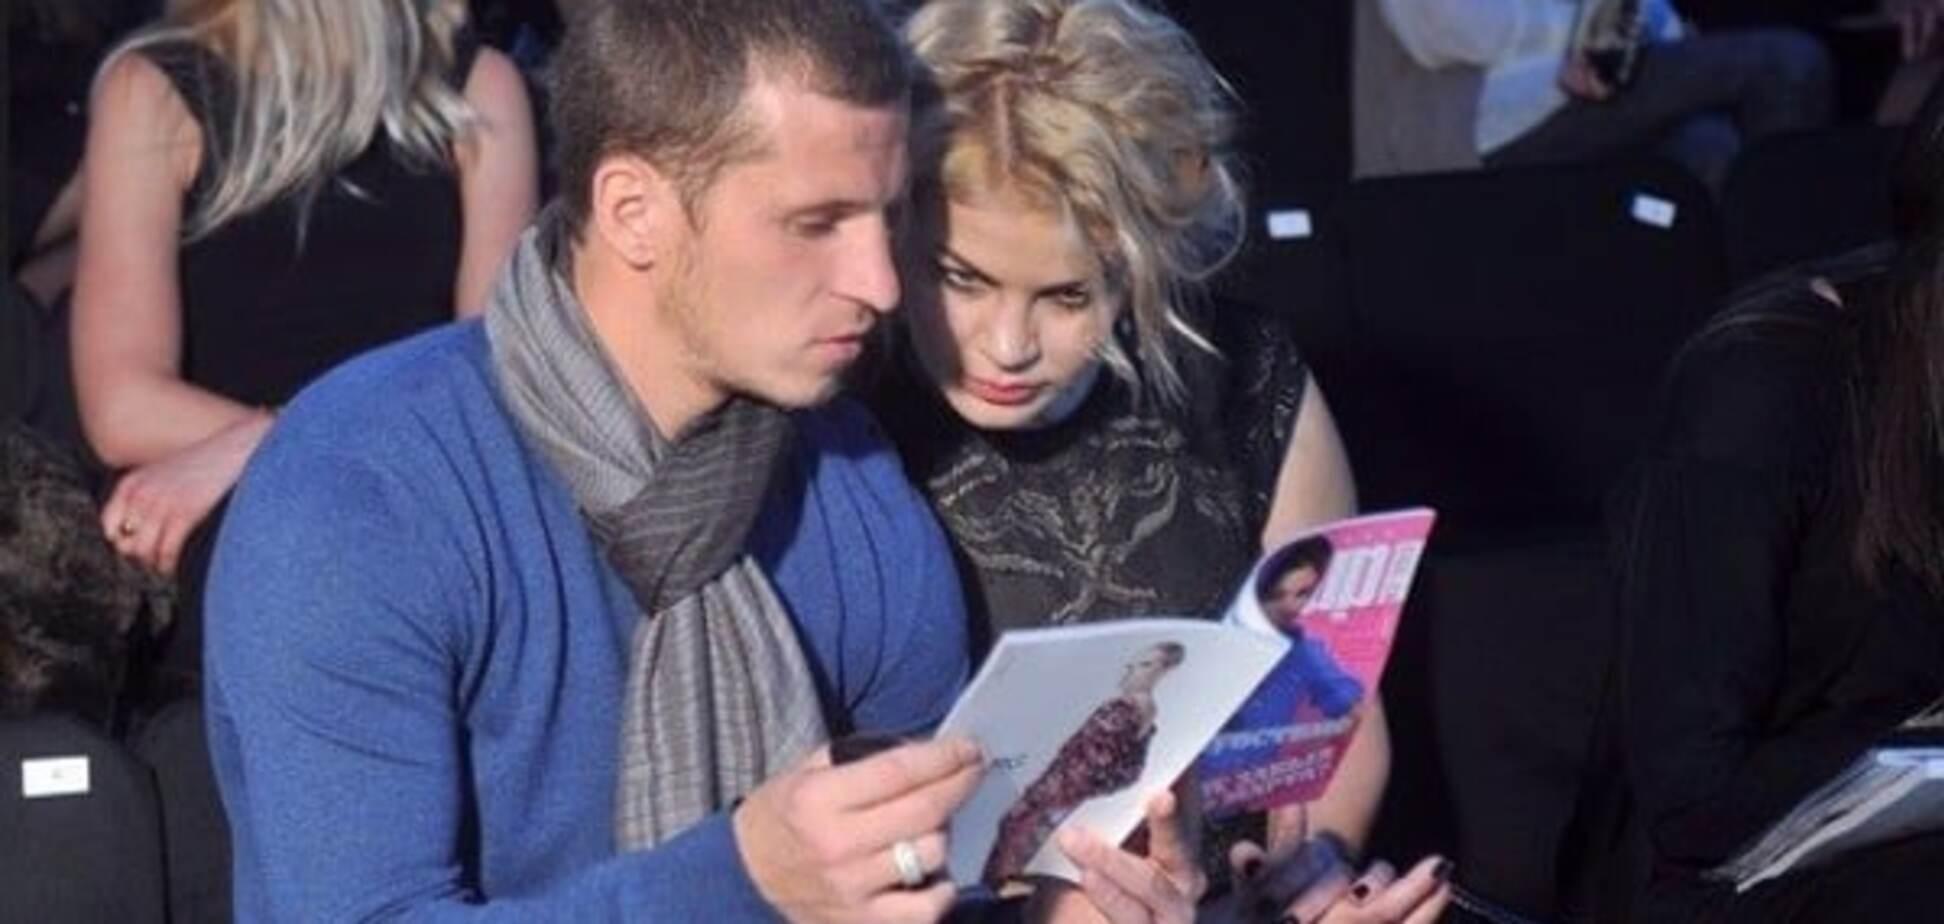 'Ценой детских слез': жена скандального Алиева объявила о разводе с футболистом